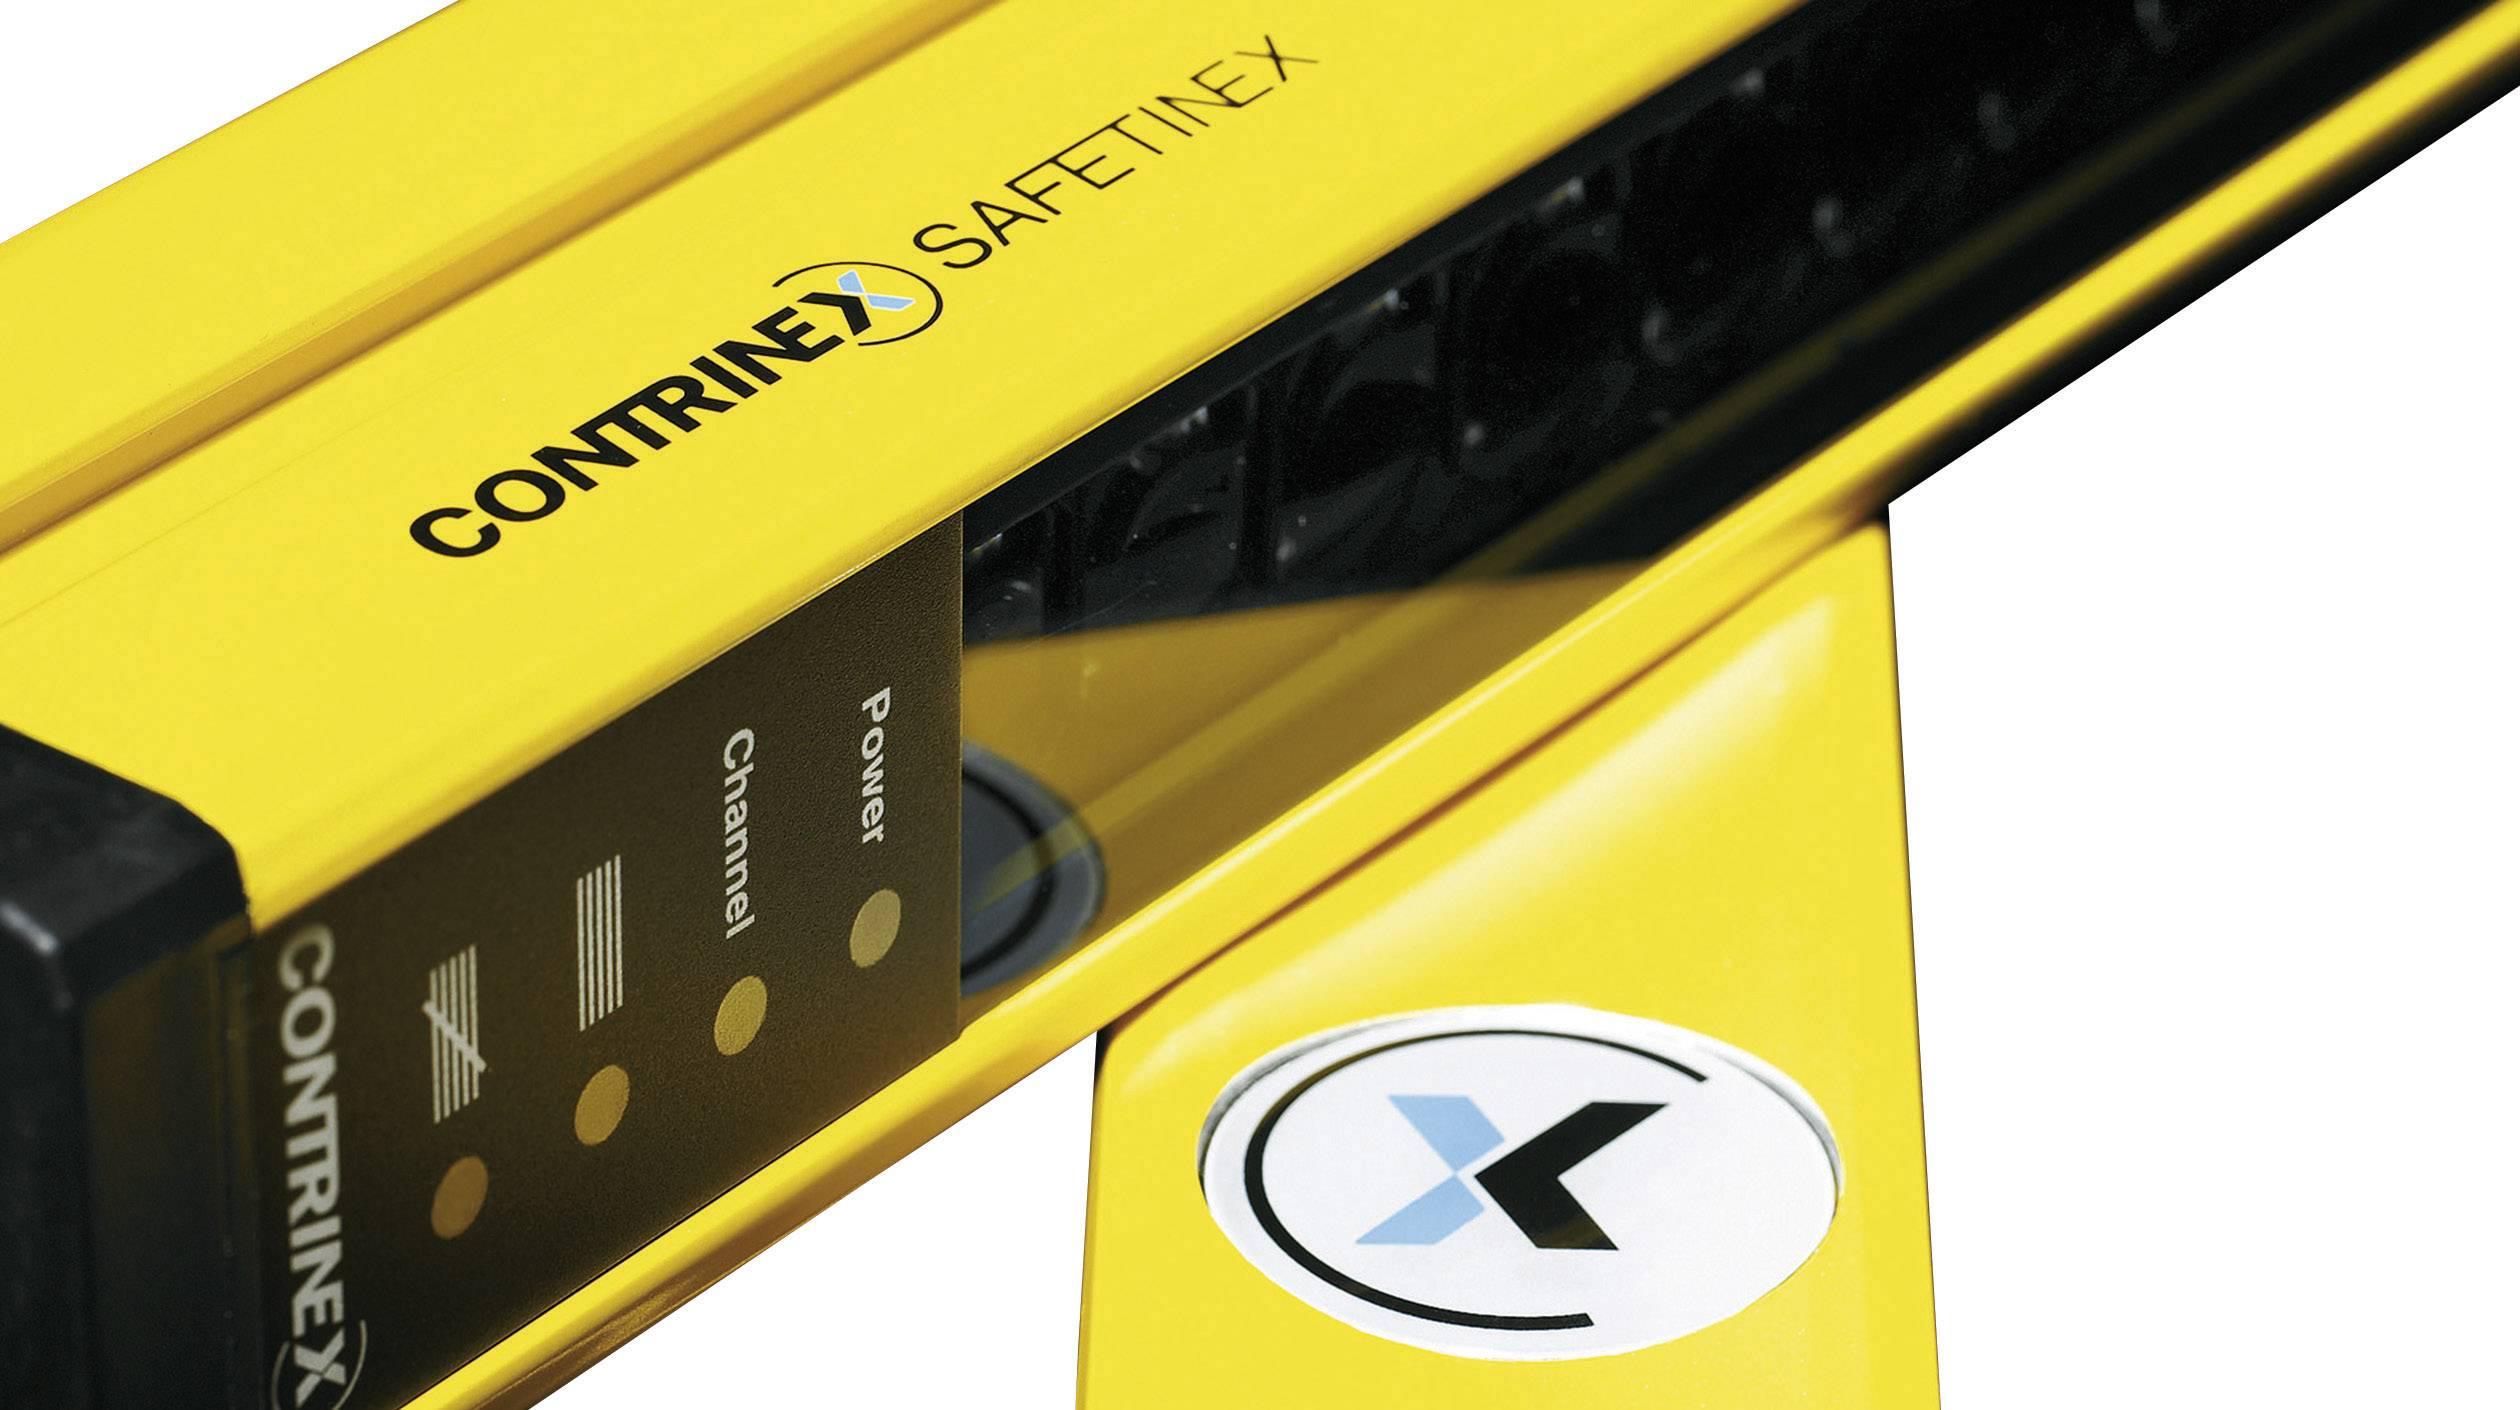 Bezpečnostní světelná závora pro ochranu rukou Contrinex YBB-30S4-0250-G012 630 000 586